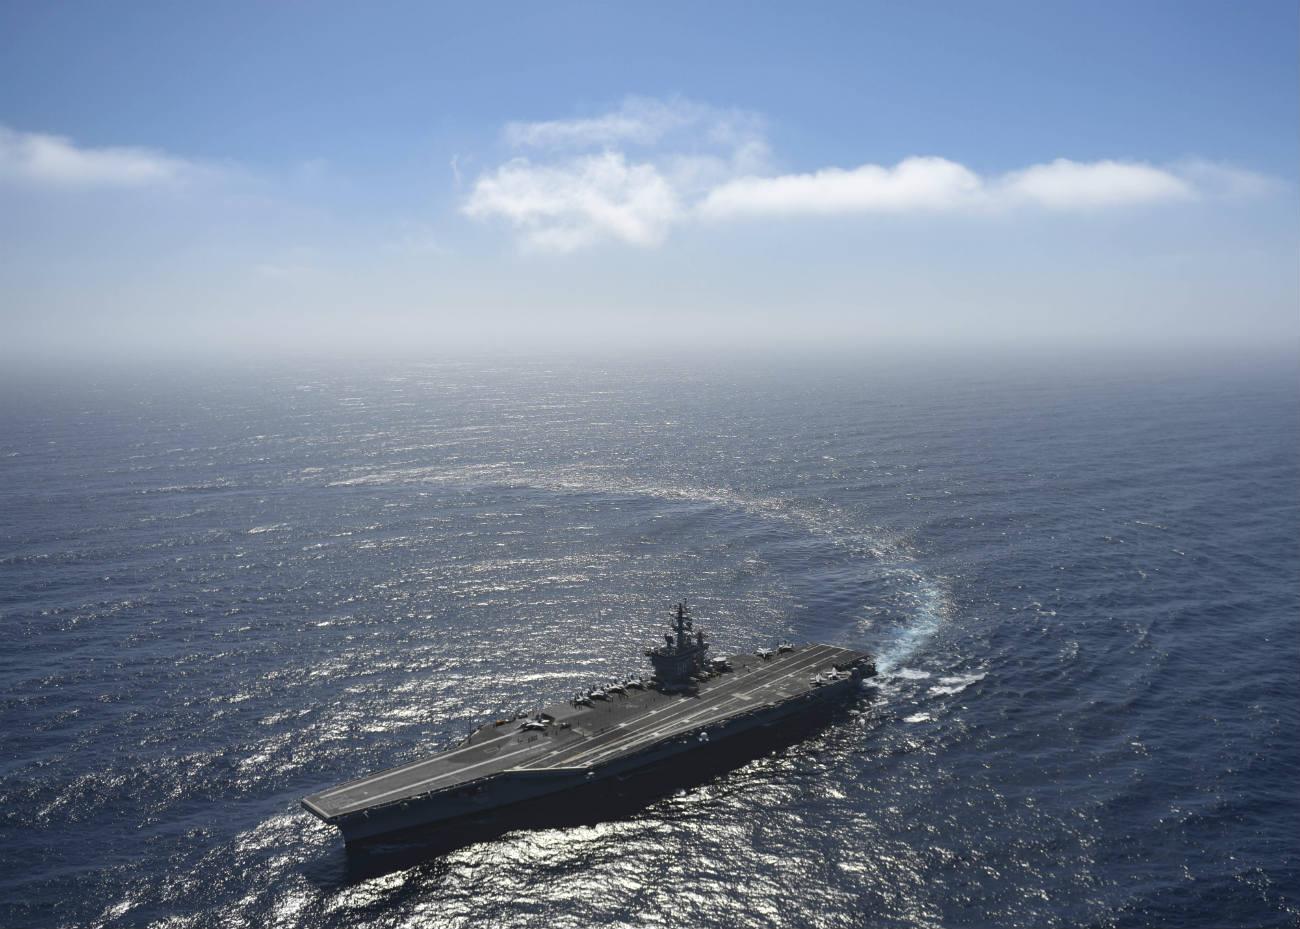 USS Nimwitz